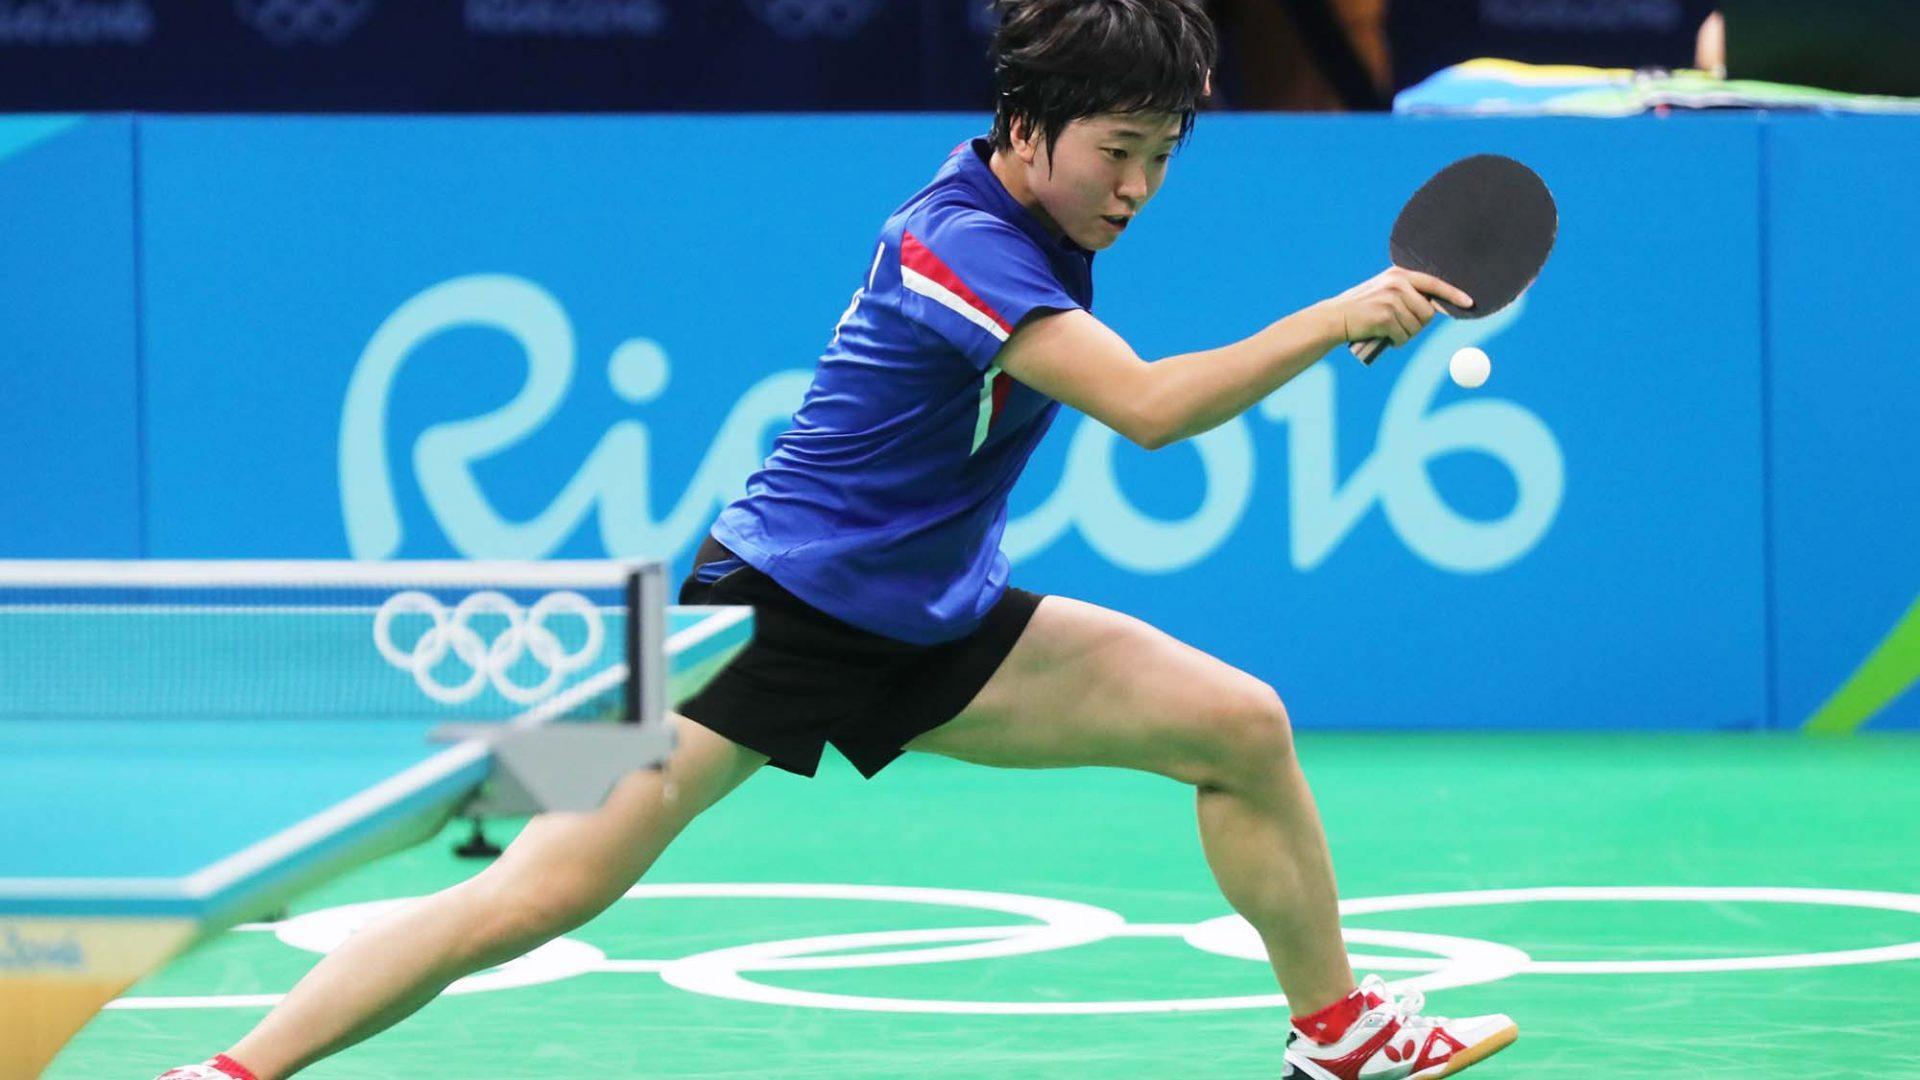 北韓金頌伊,一個能讓里約奧運金牌摔倒在地的神秘選手